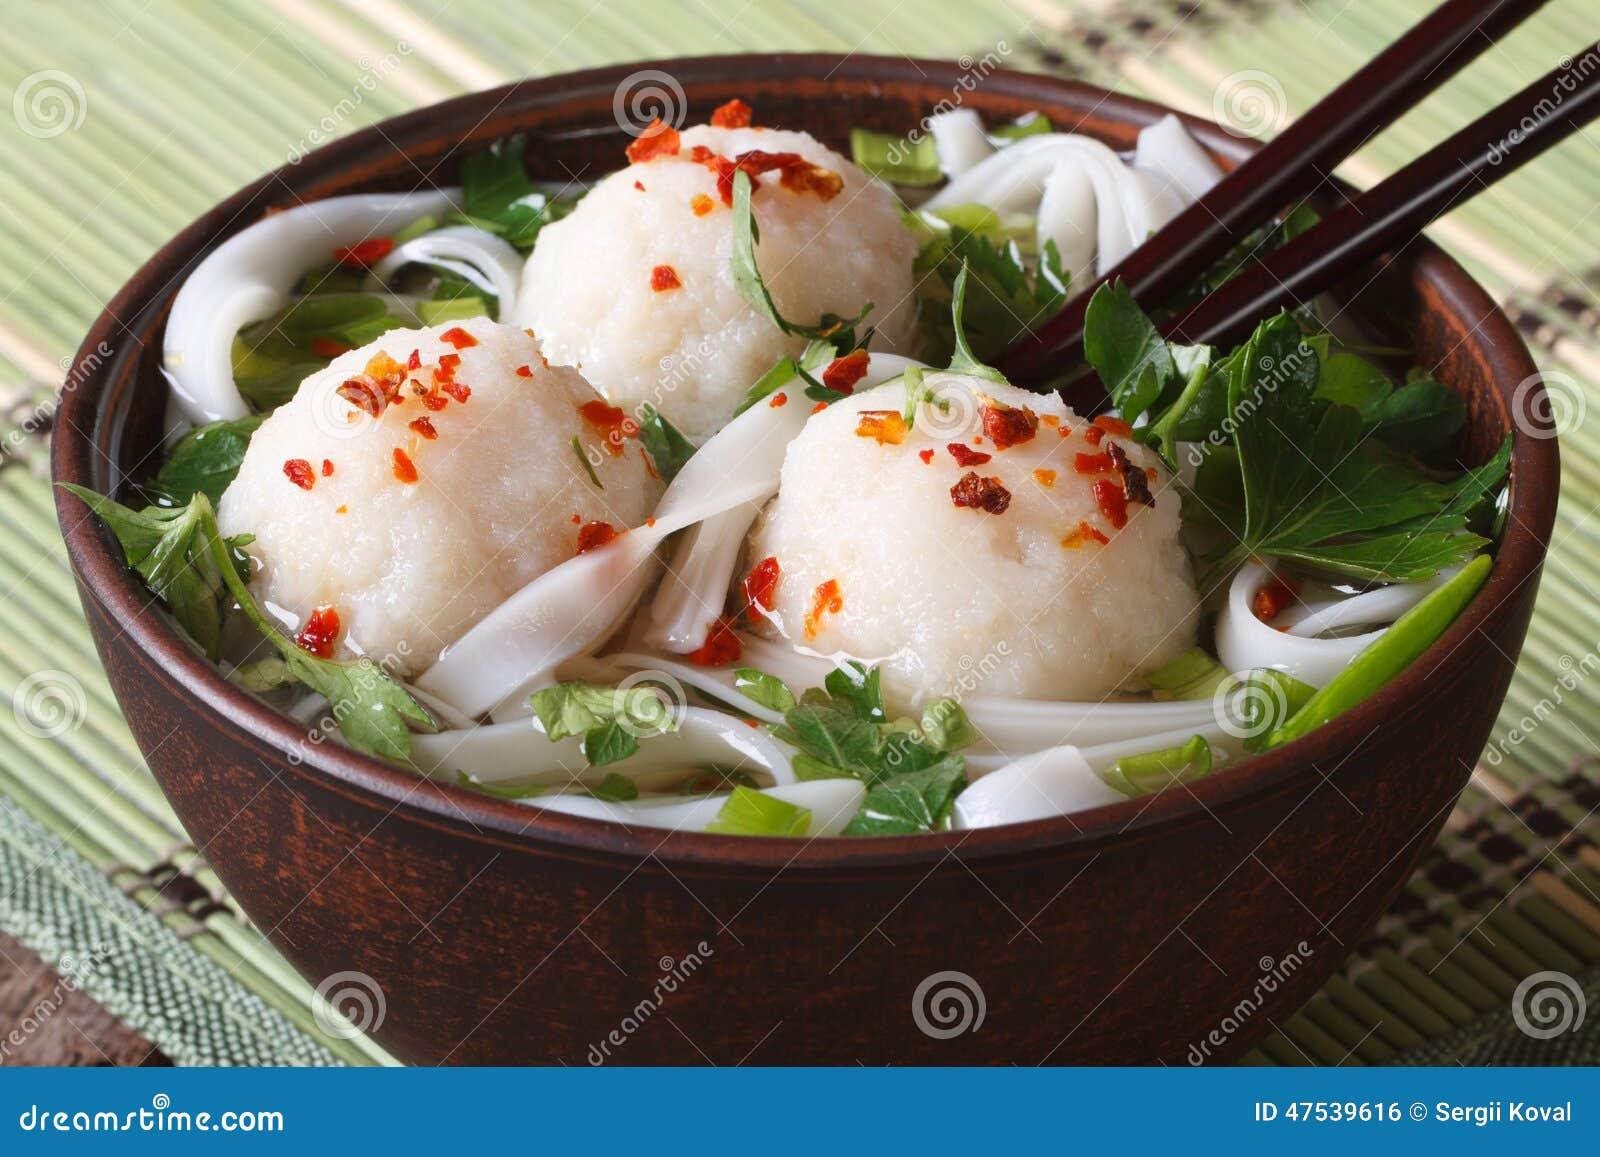 Asiatische Suppe mit Fischbällen, frischen Kräutern und Reisnudelabschluß-u